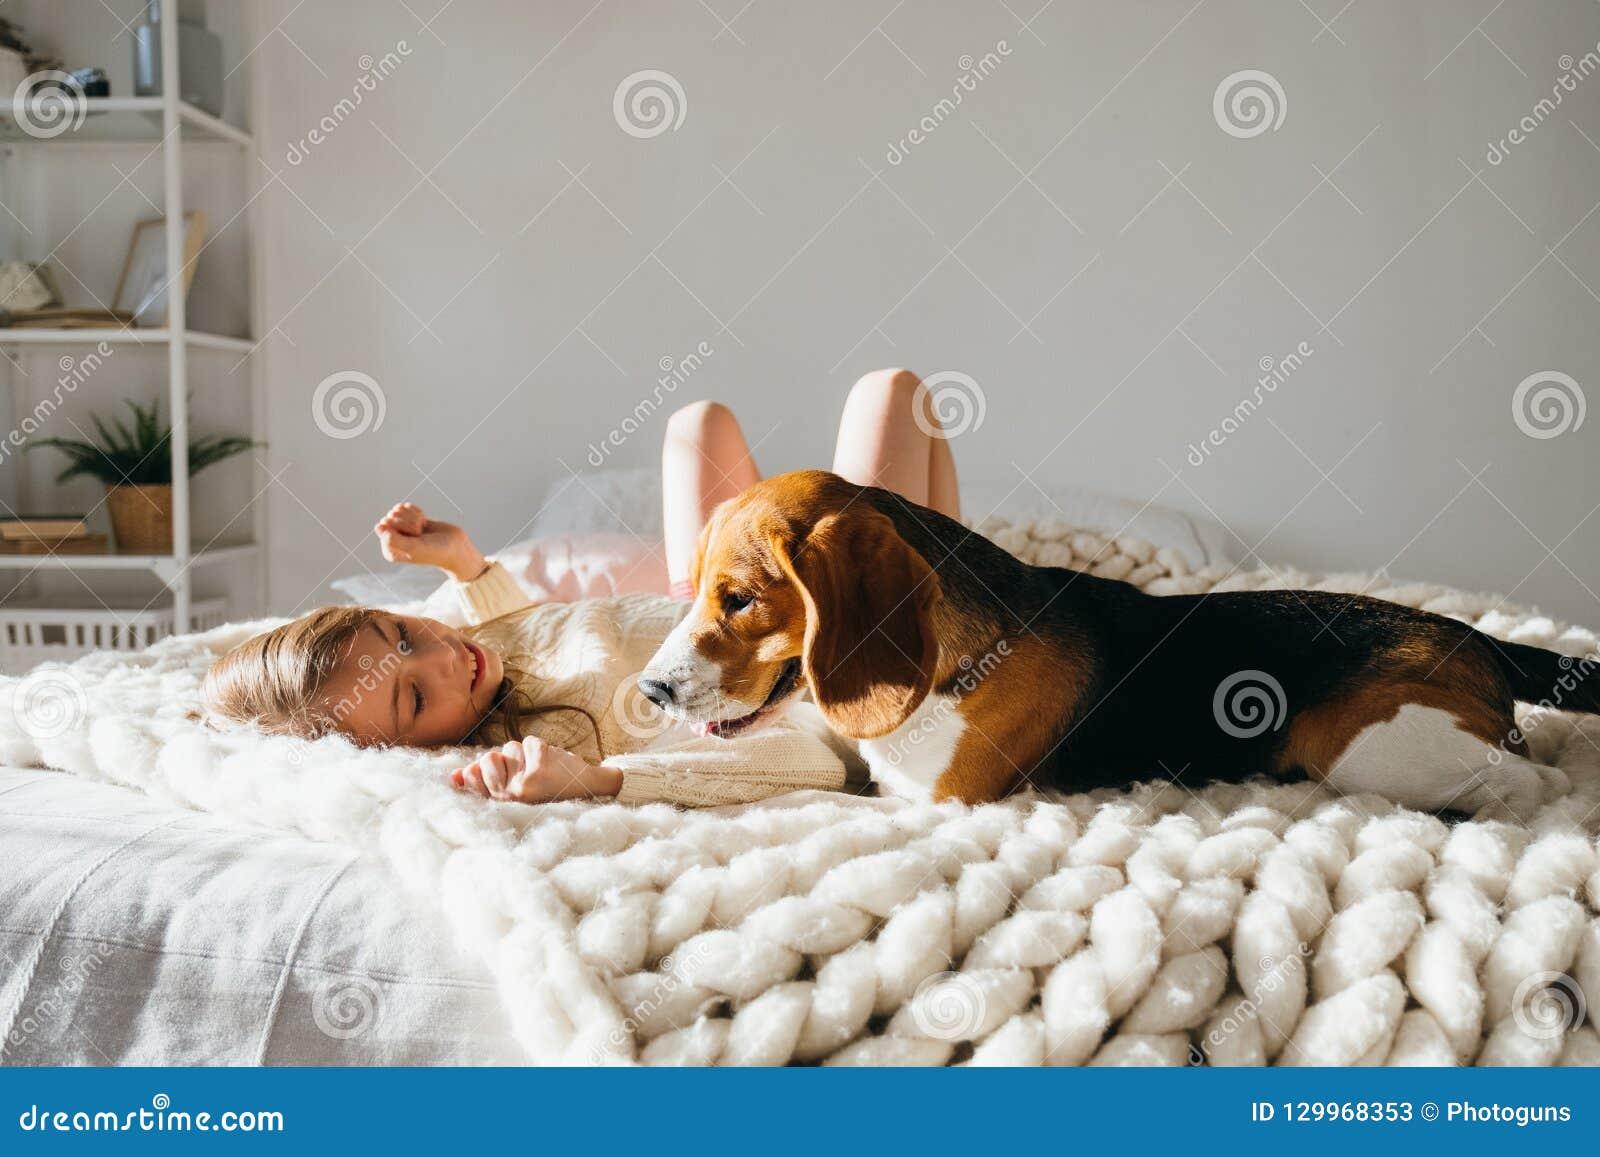 Schönes junges kaukasisches Mädchen, das mit ihrem Welpenspürhundhund spielt